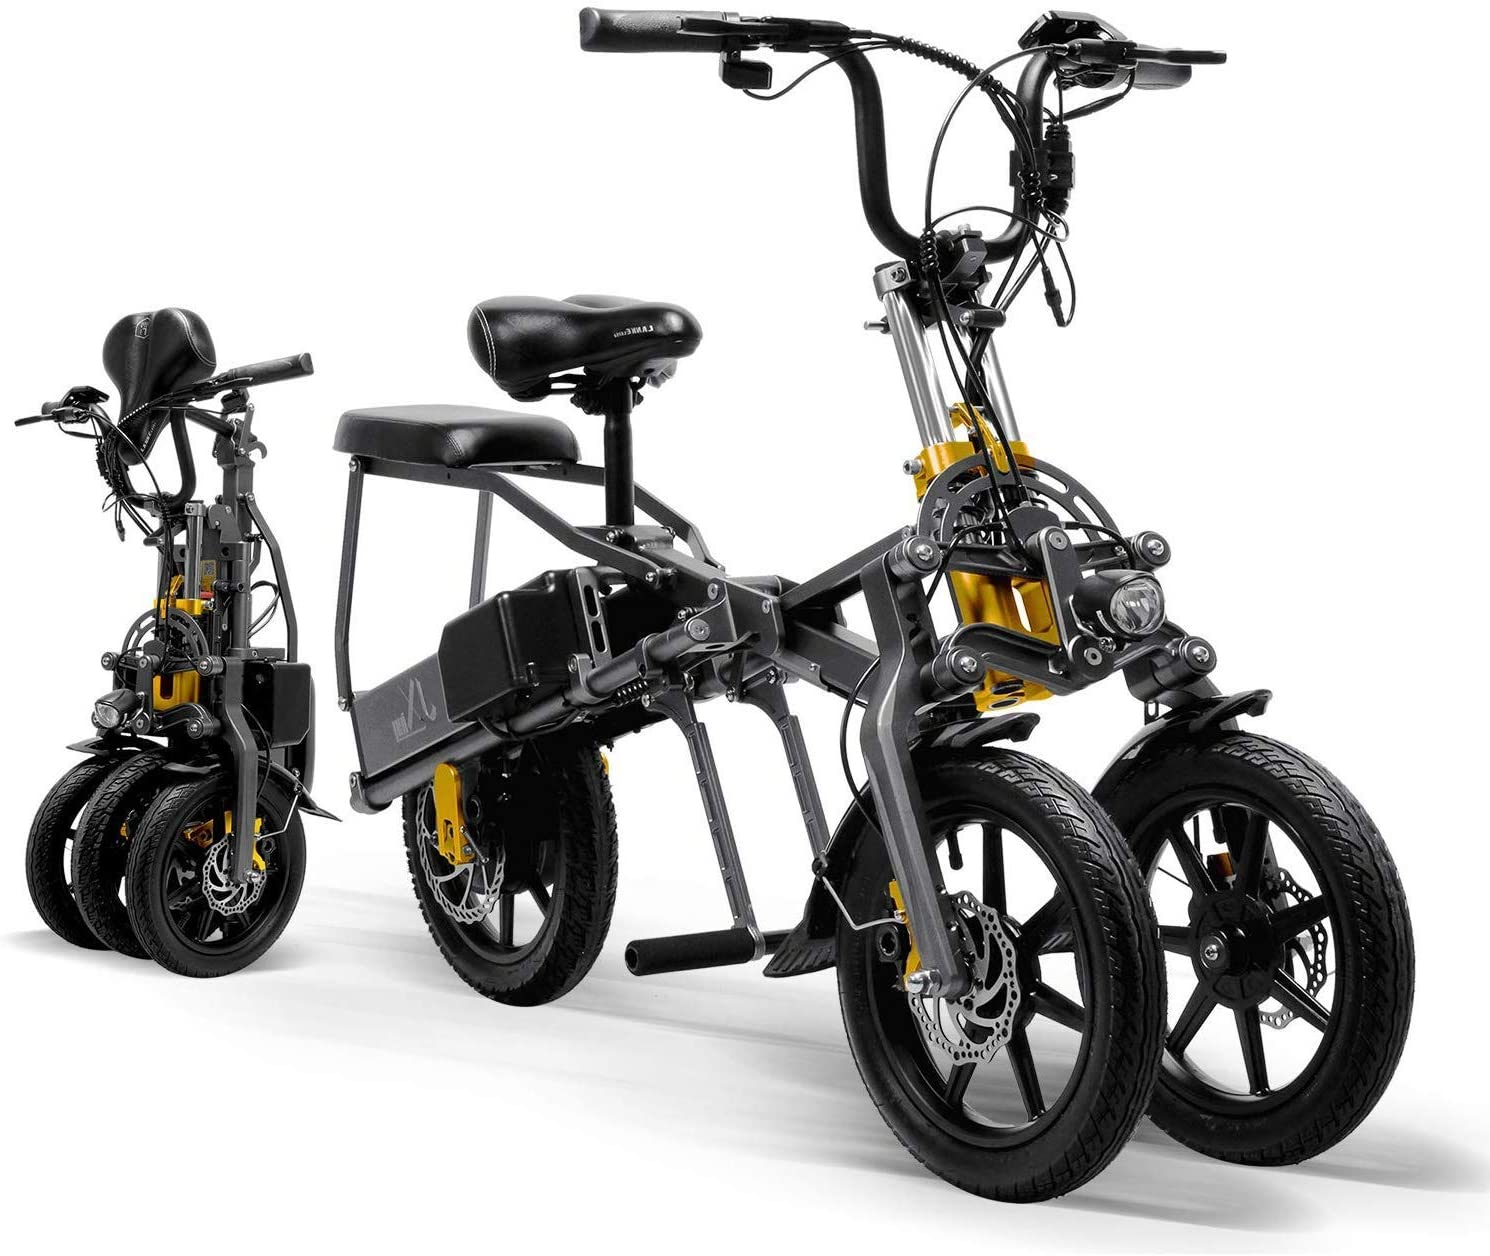 CYGGL Triciclo eléctrico para Adultos Plegable de Tres Ruedas Bicicleta de montaña eléctrica Mini Scooter hasta 30 km 25 km/h Batería de Litio Tres Modos de Velocidad Ruedas Grandes Deporte